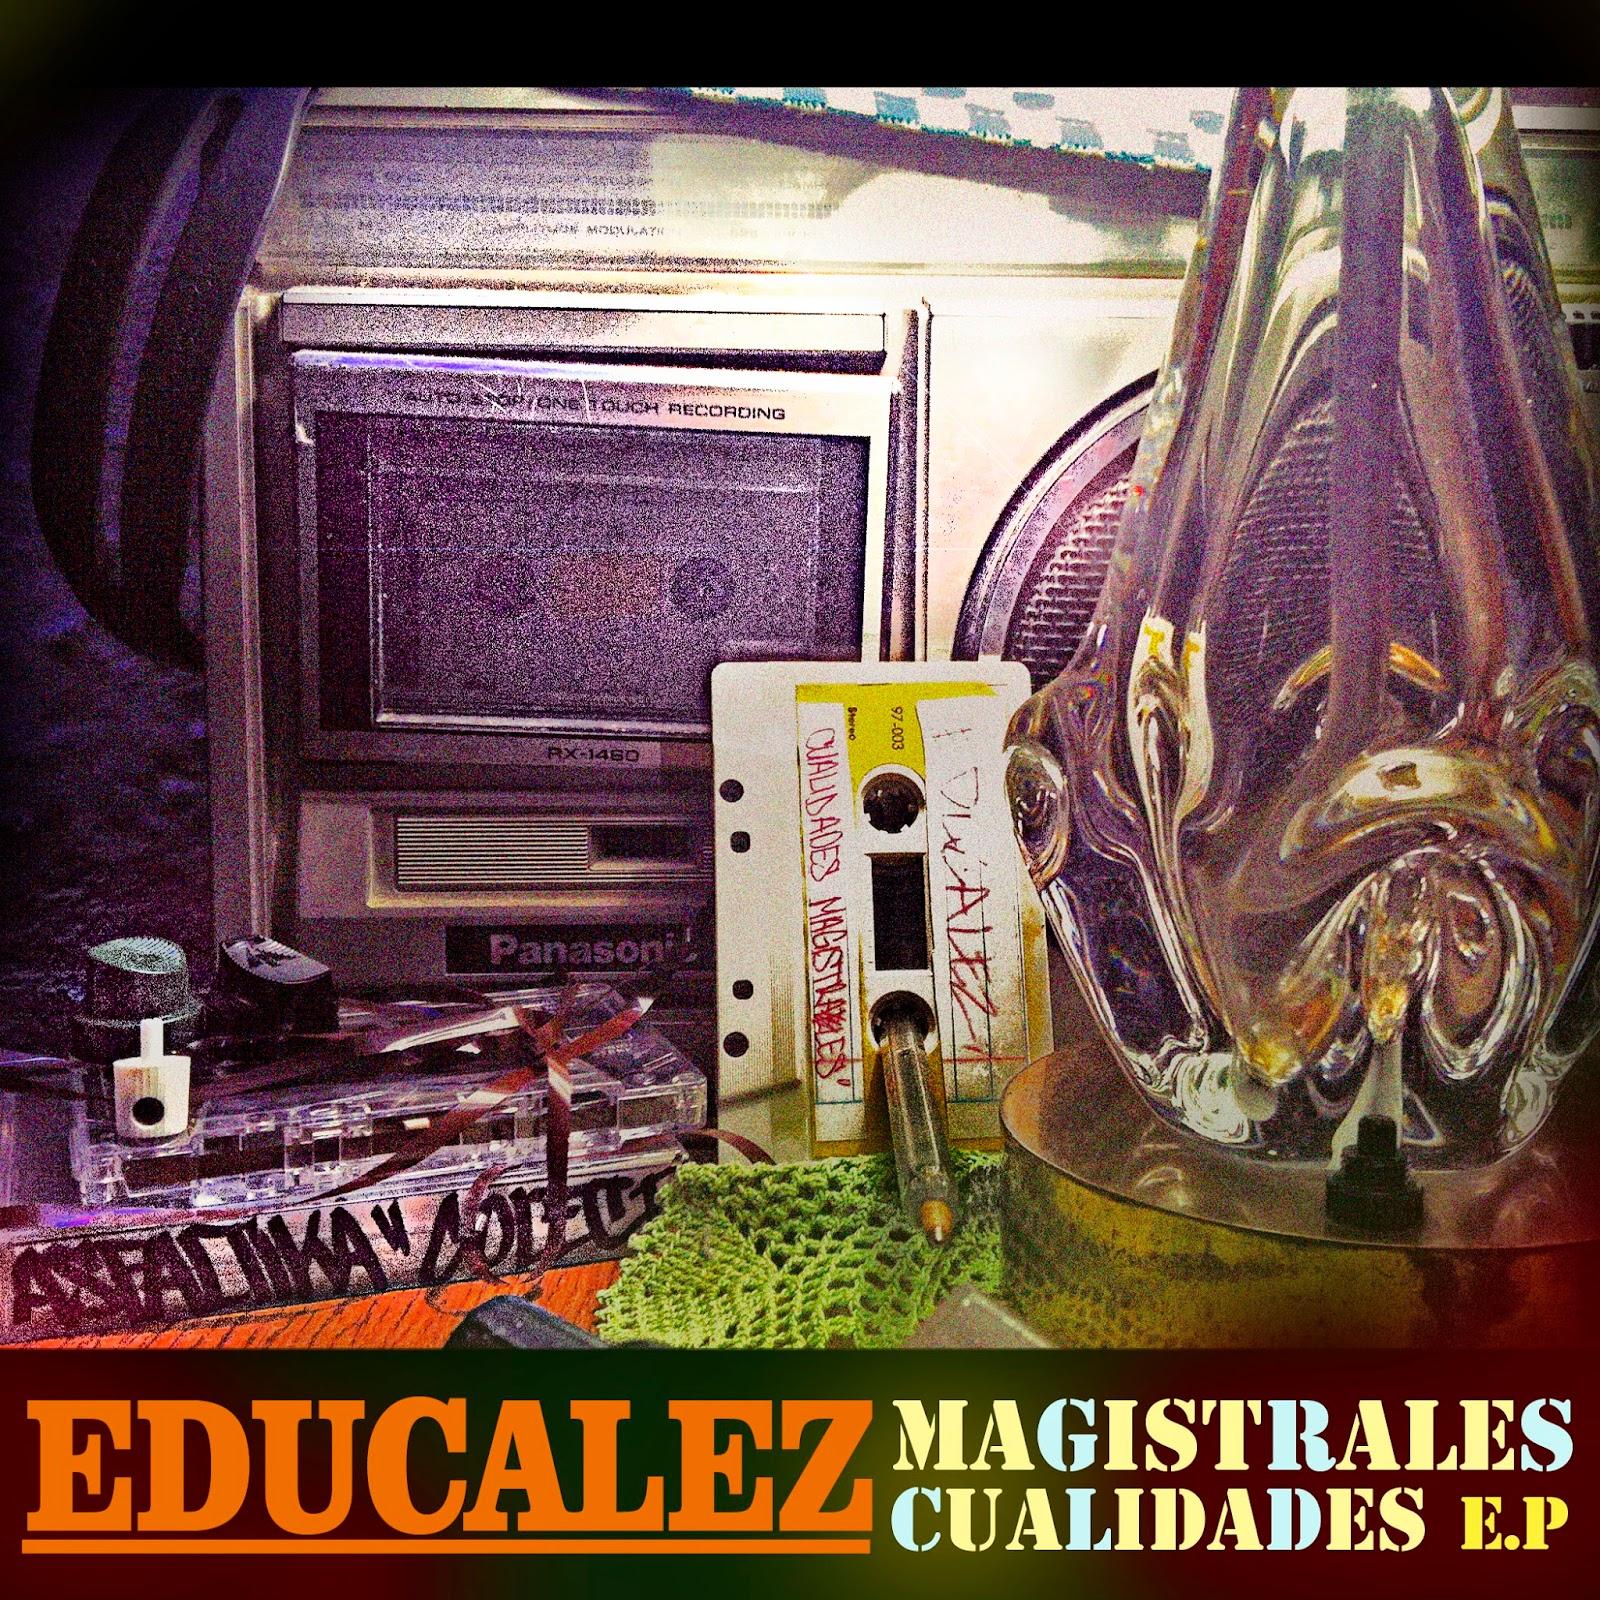 Educalez - Magistrales Cualidades E.P 2014